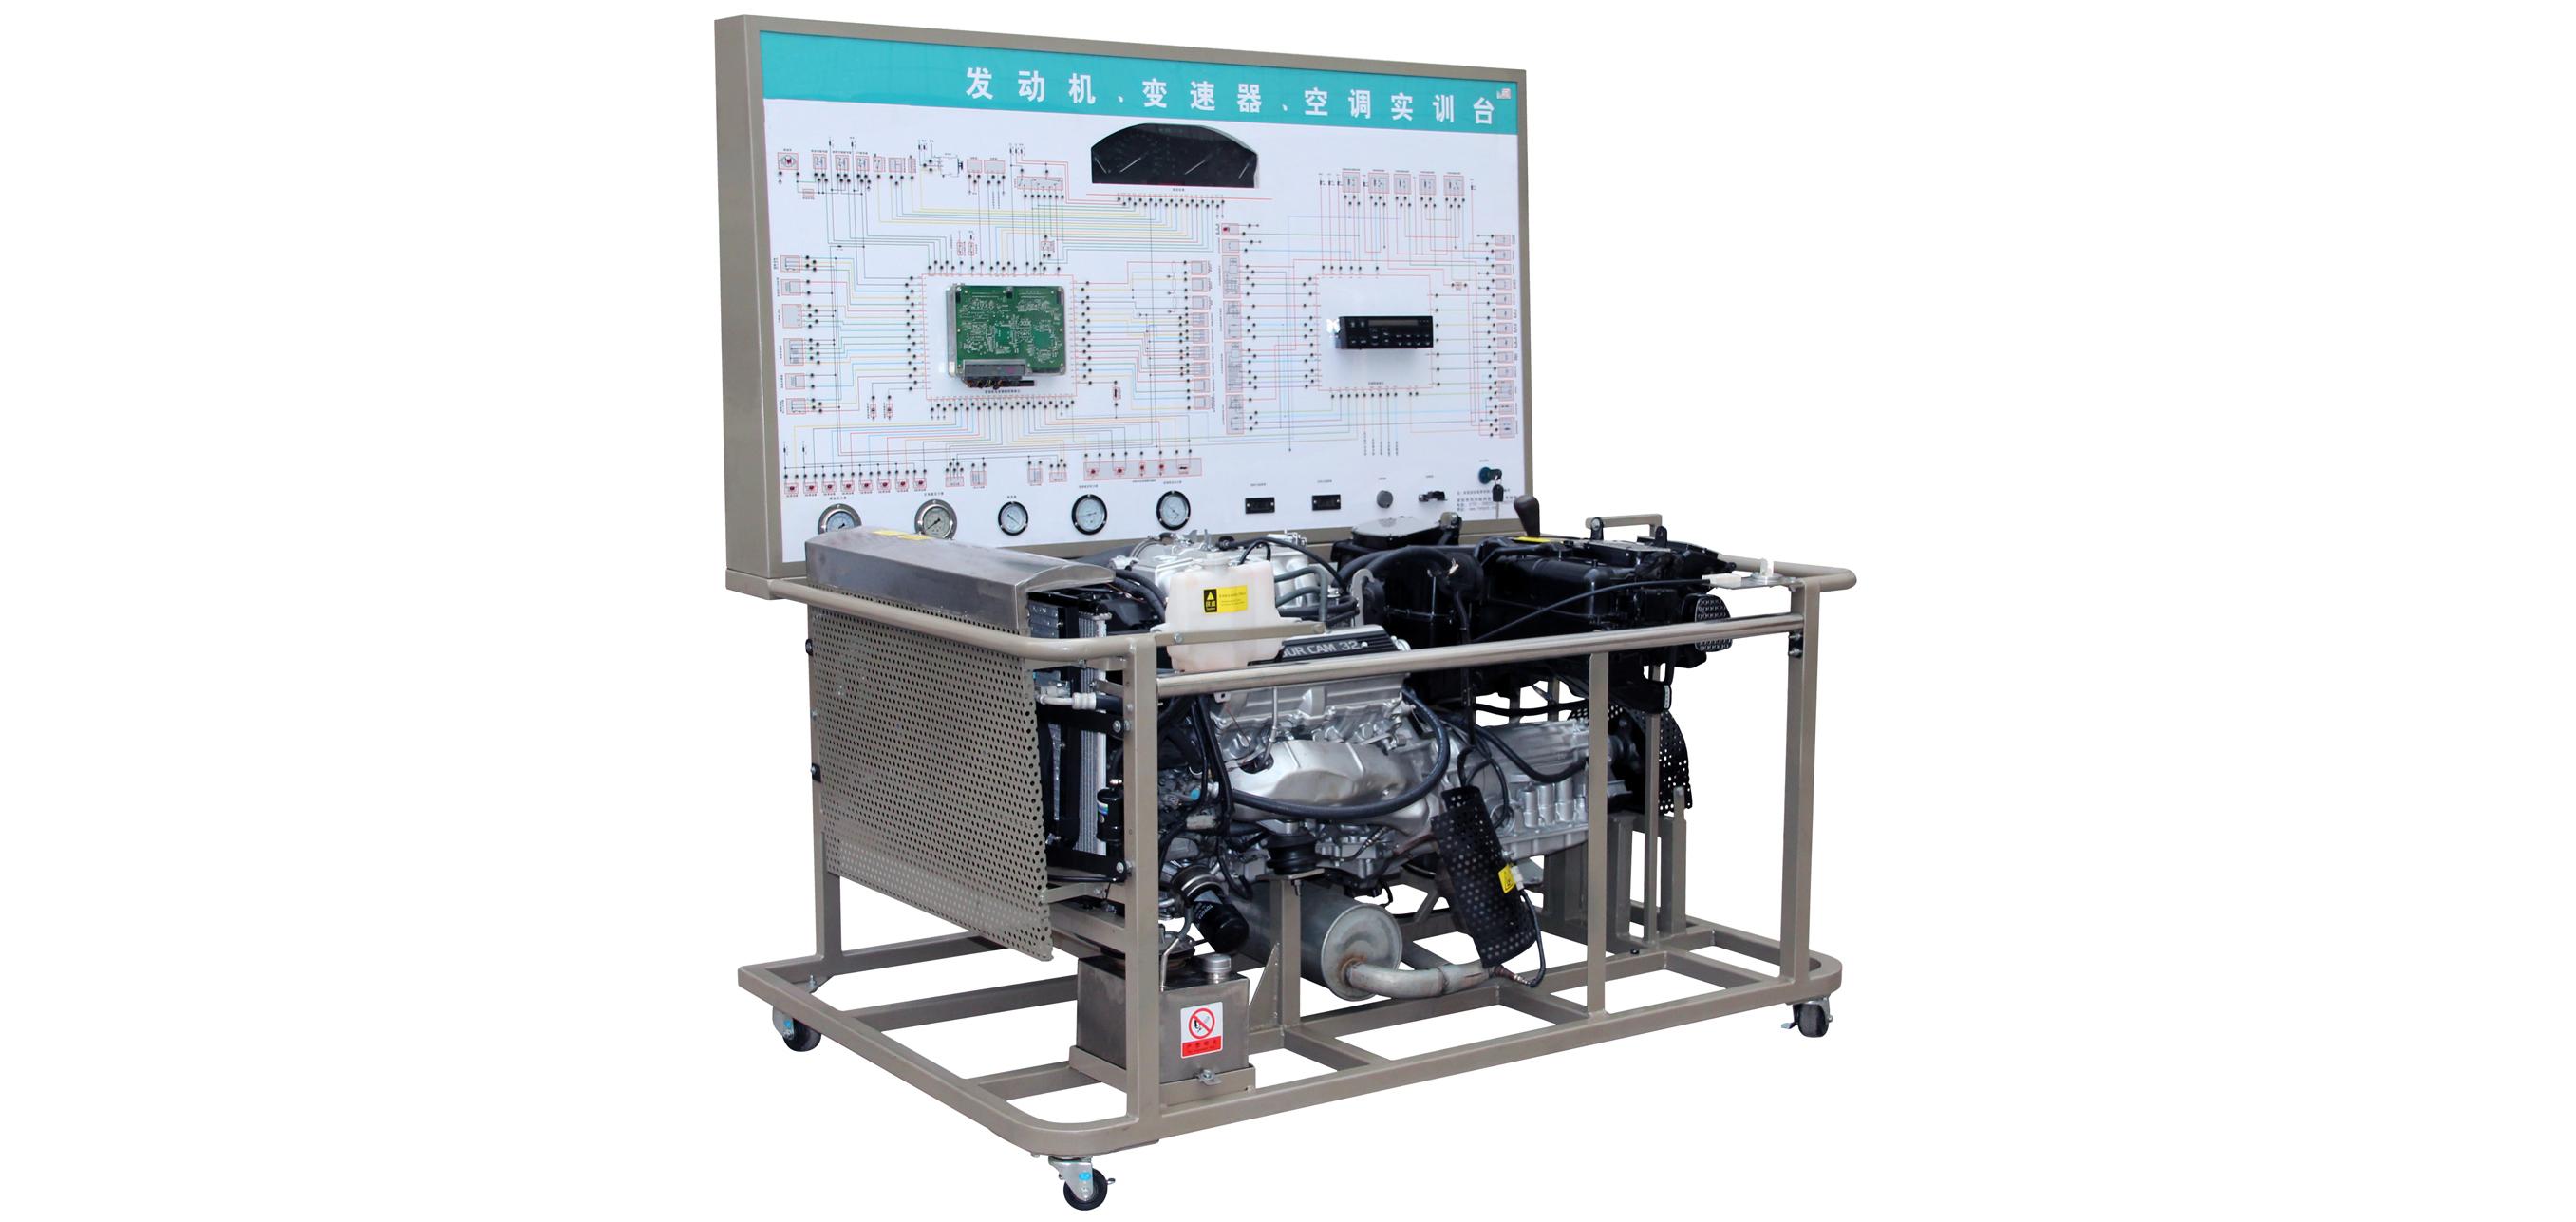 学员可直观对照电路图和电控汽油发动机,自动变速器与空调系统实物,认